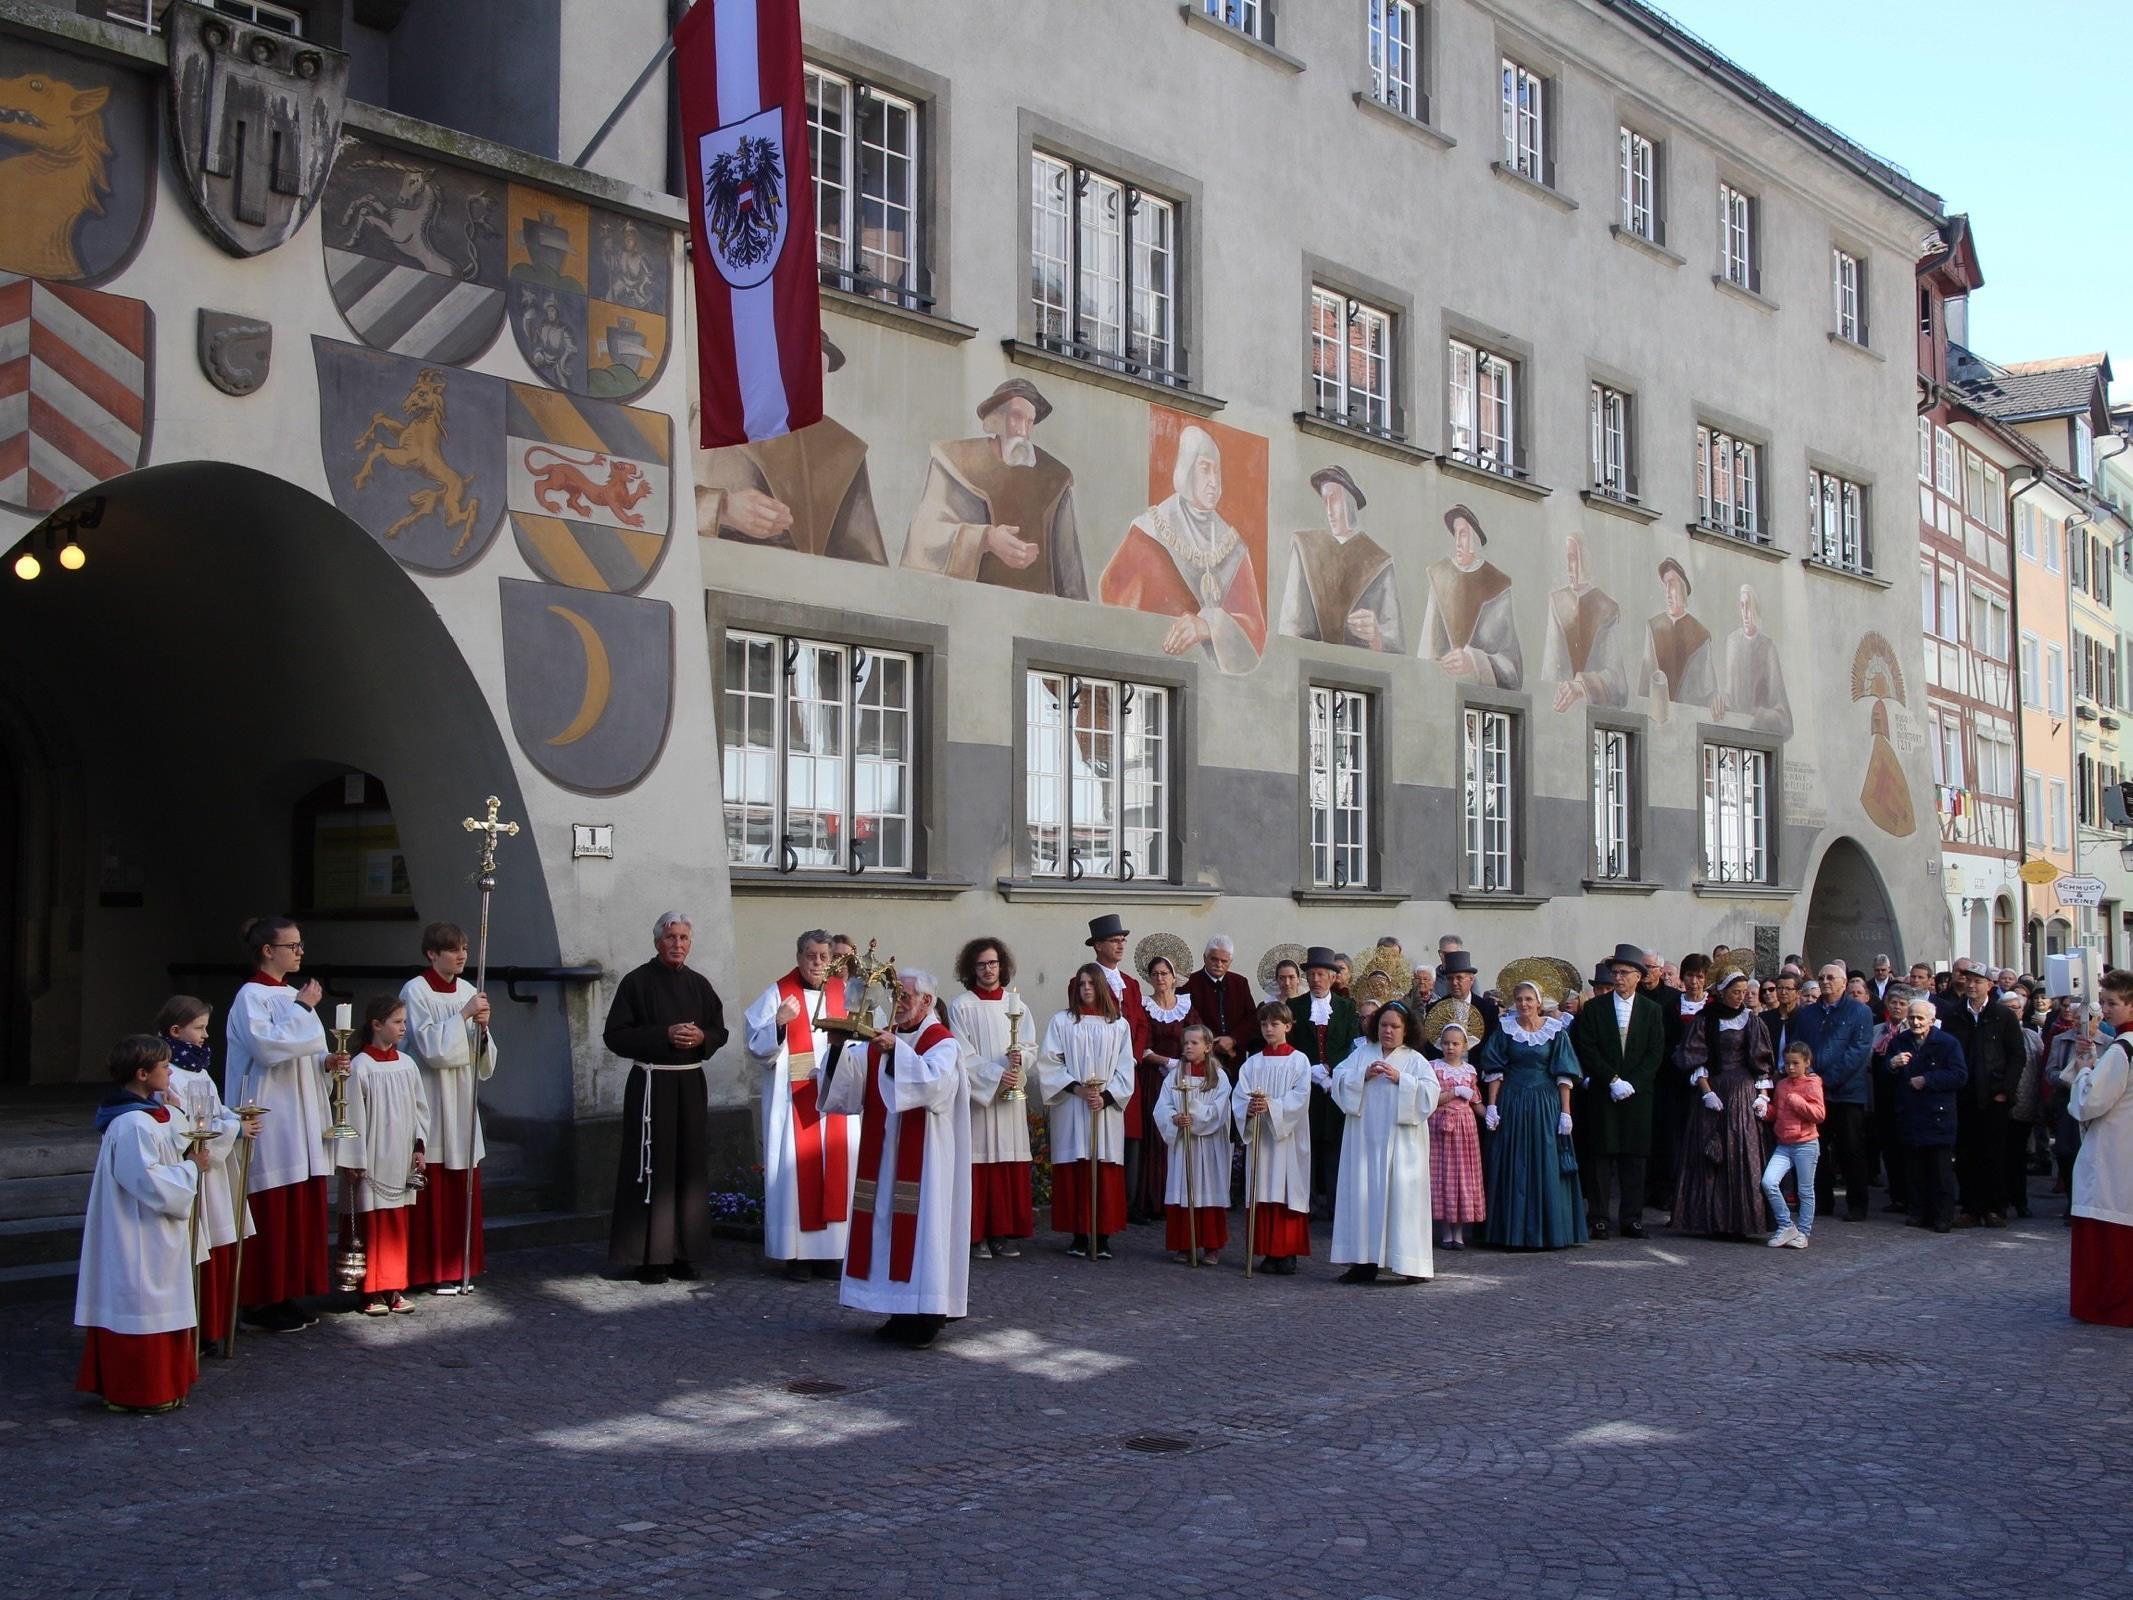 Auch vor dem Rathaus wurden Gebete gesprochen, die an das Wirken des Stadtpatrons und zweiten Landespatrons Fidelis erinnern sollten.